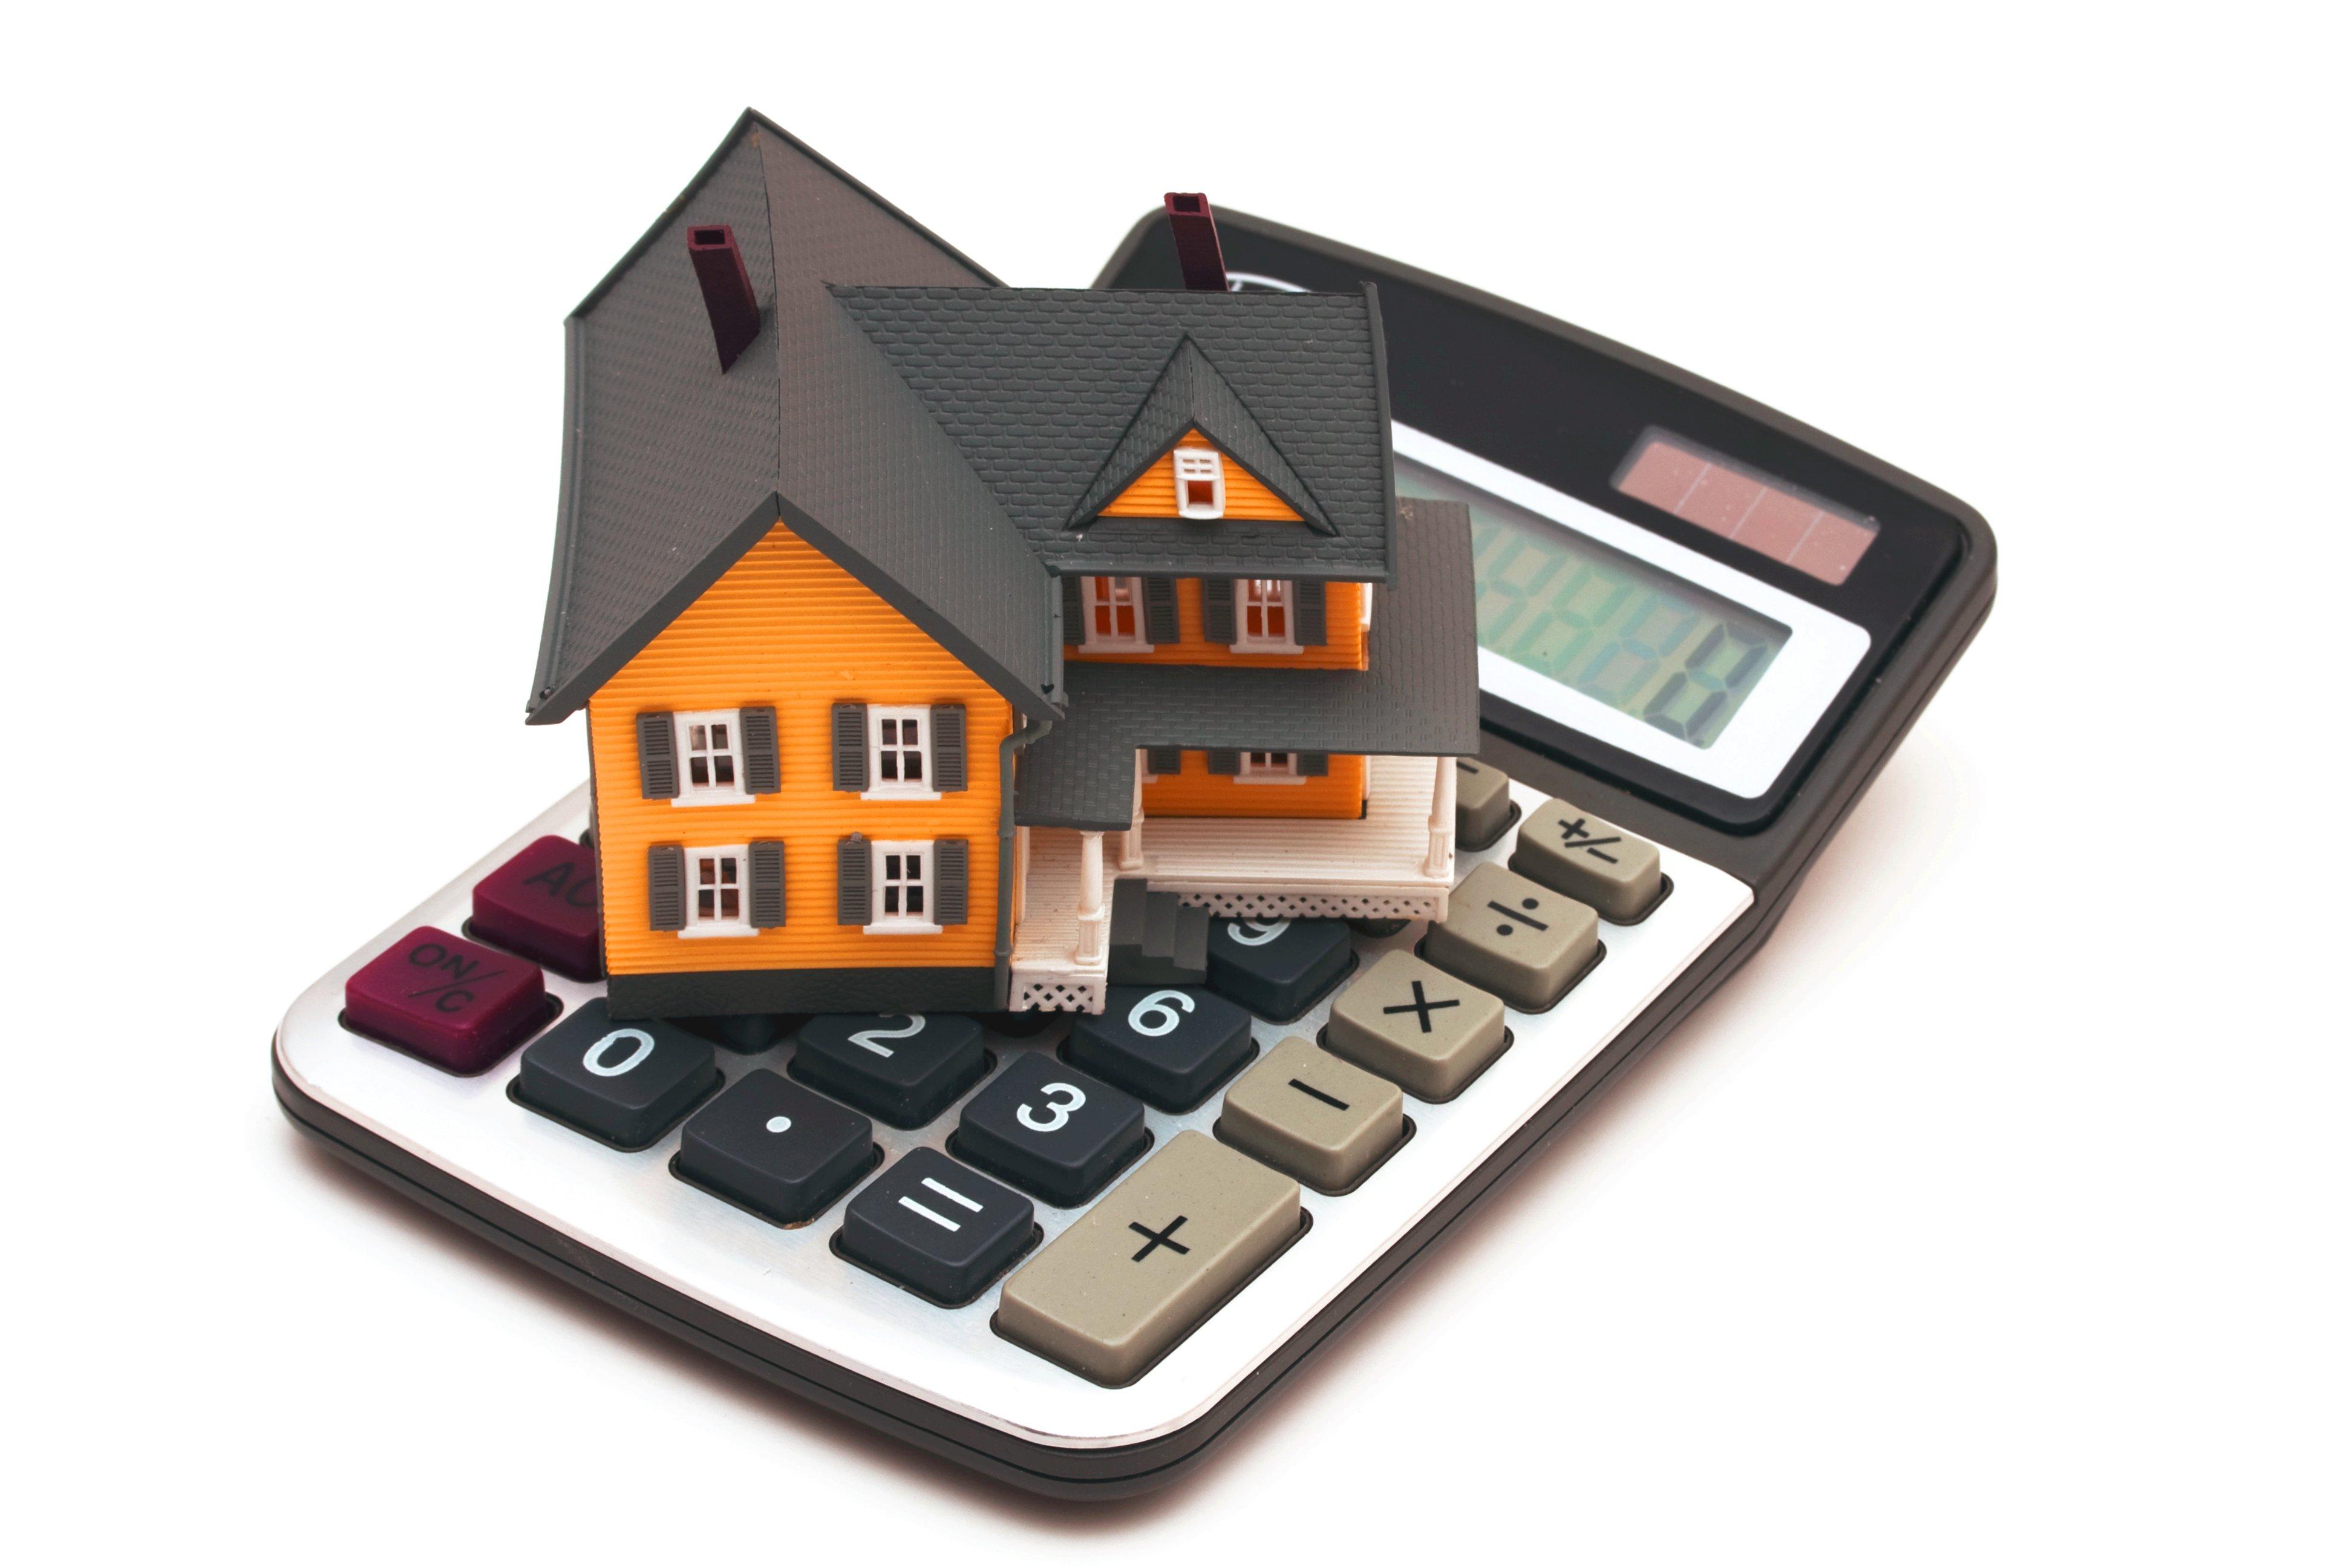 Если квартира оформлена на мужа, может ли жена получить налоговый вычет